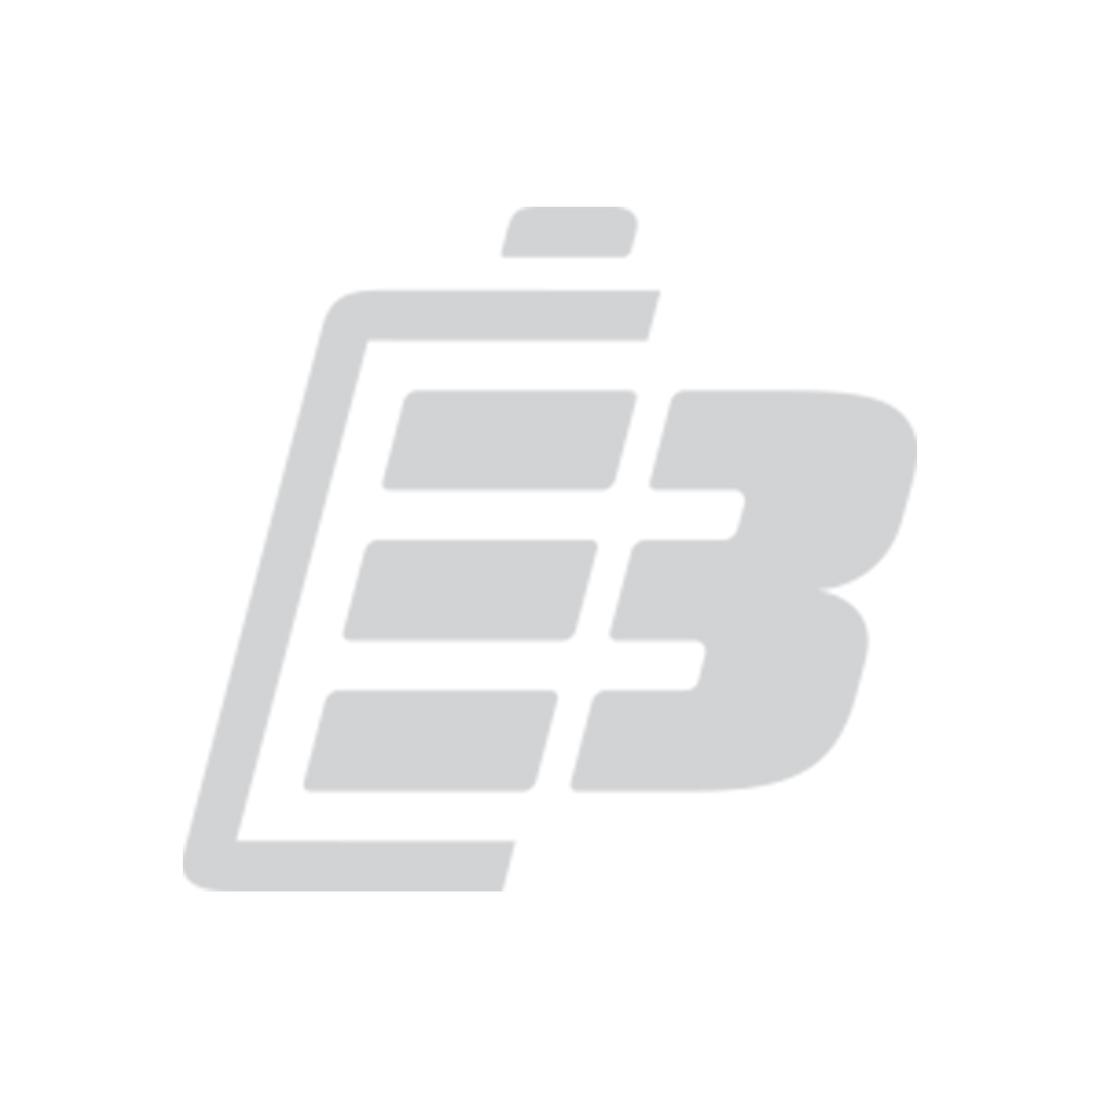 Μπαταρία ασύρματου τηλεφώνου Avaya Tenovis Integral D3 Mobile_1